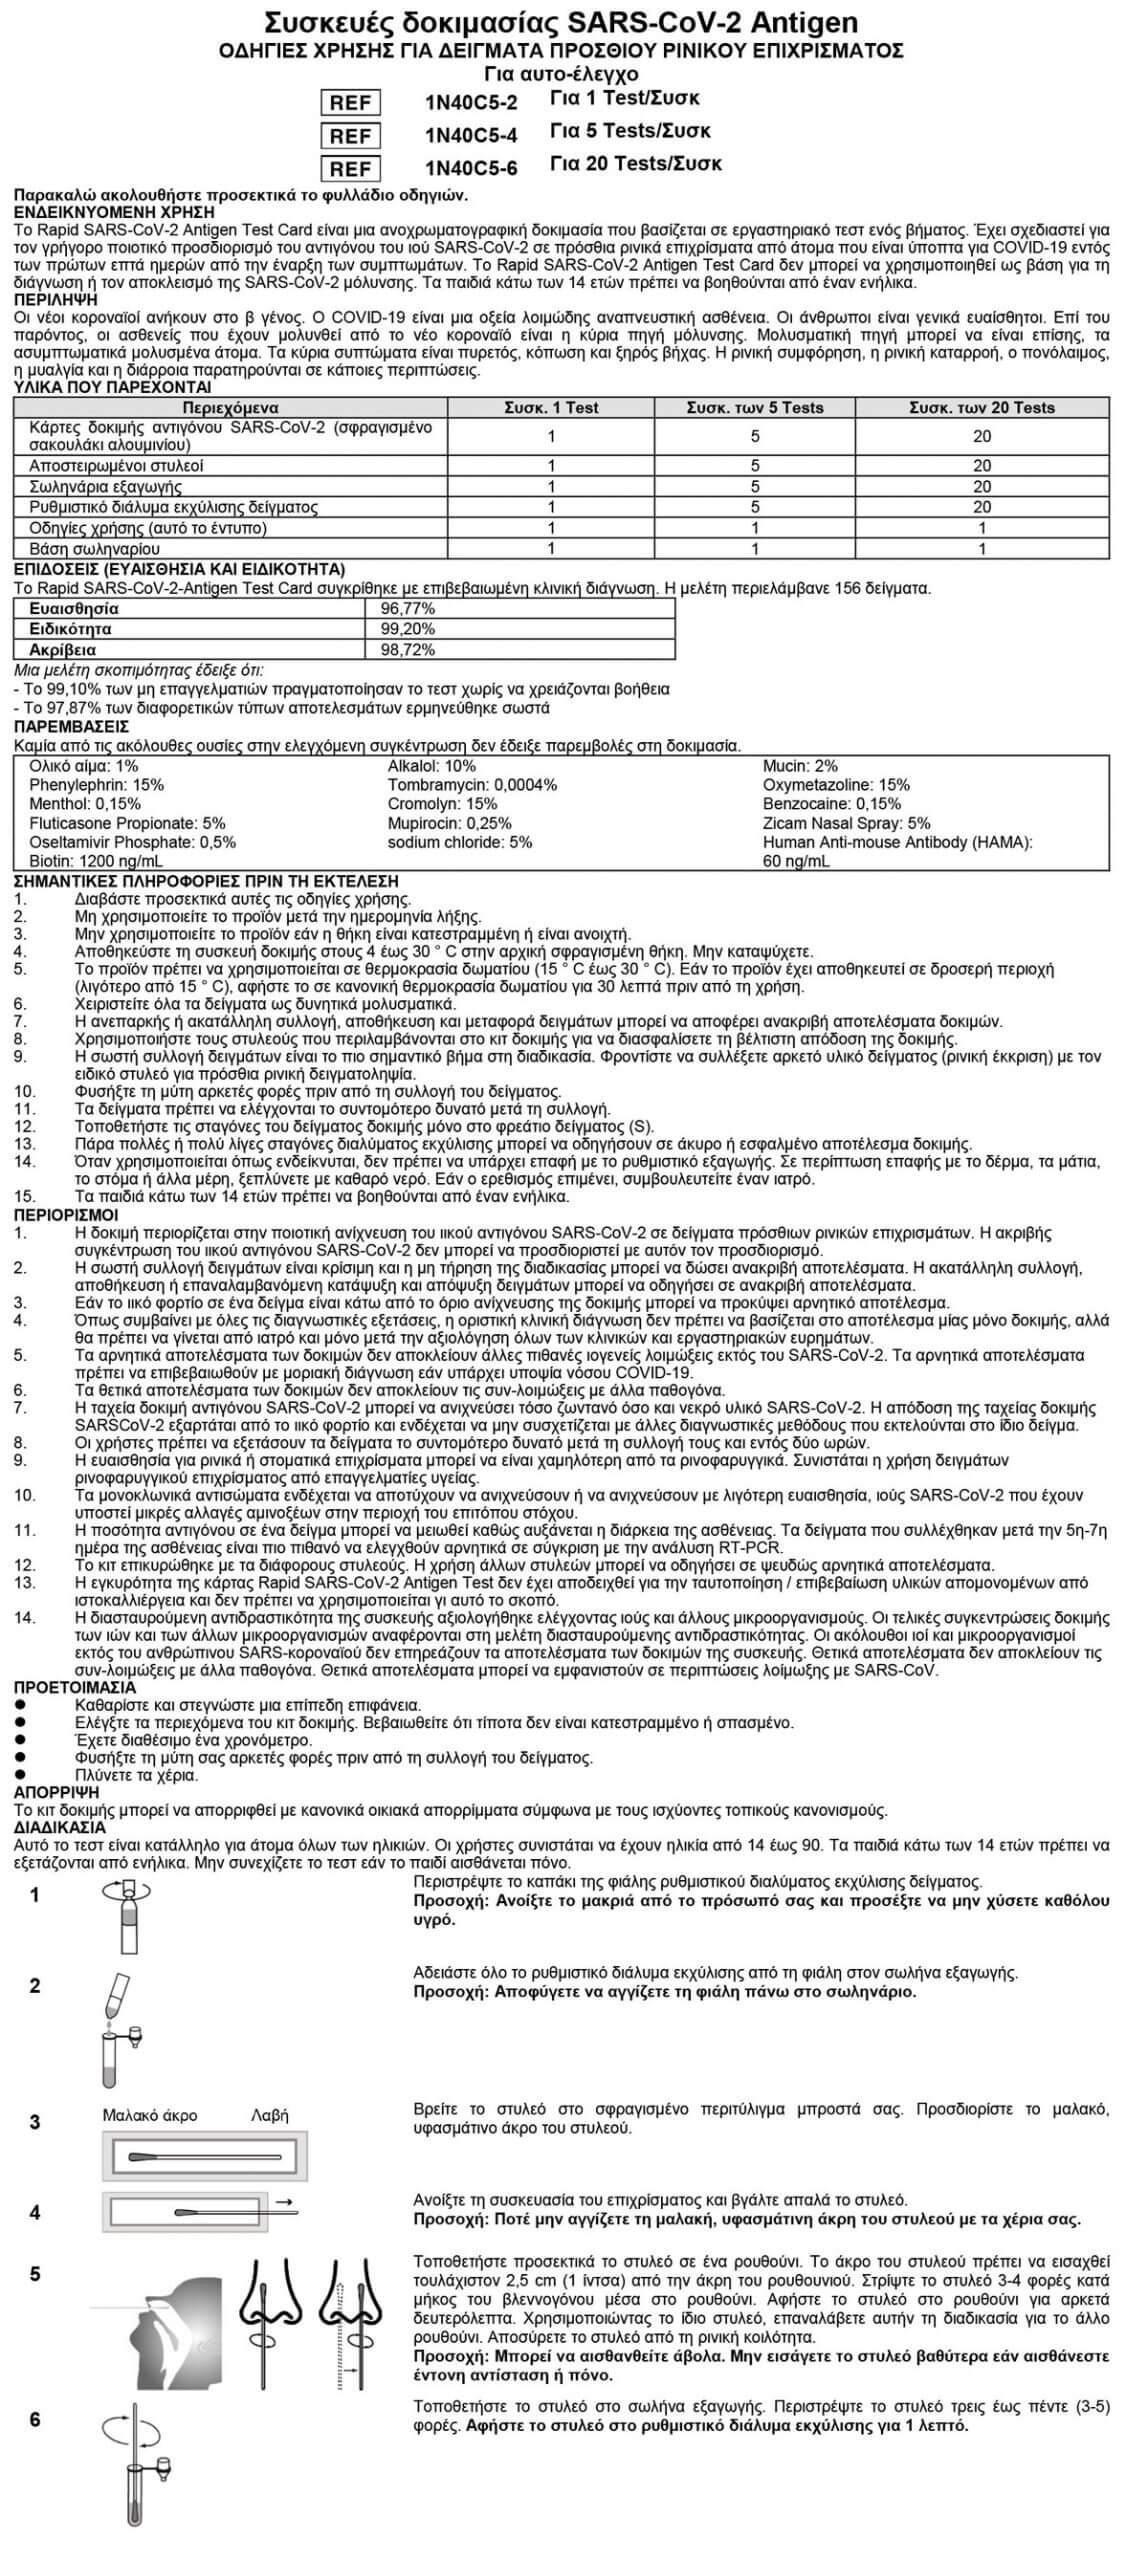 Οδηγίες-Χρήσης-IFU-1-SELF TEST BOSON